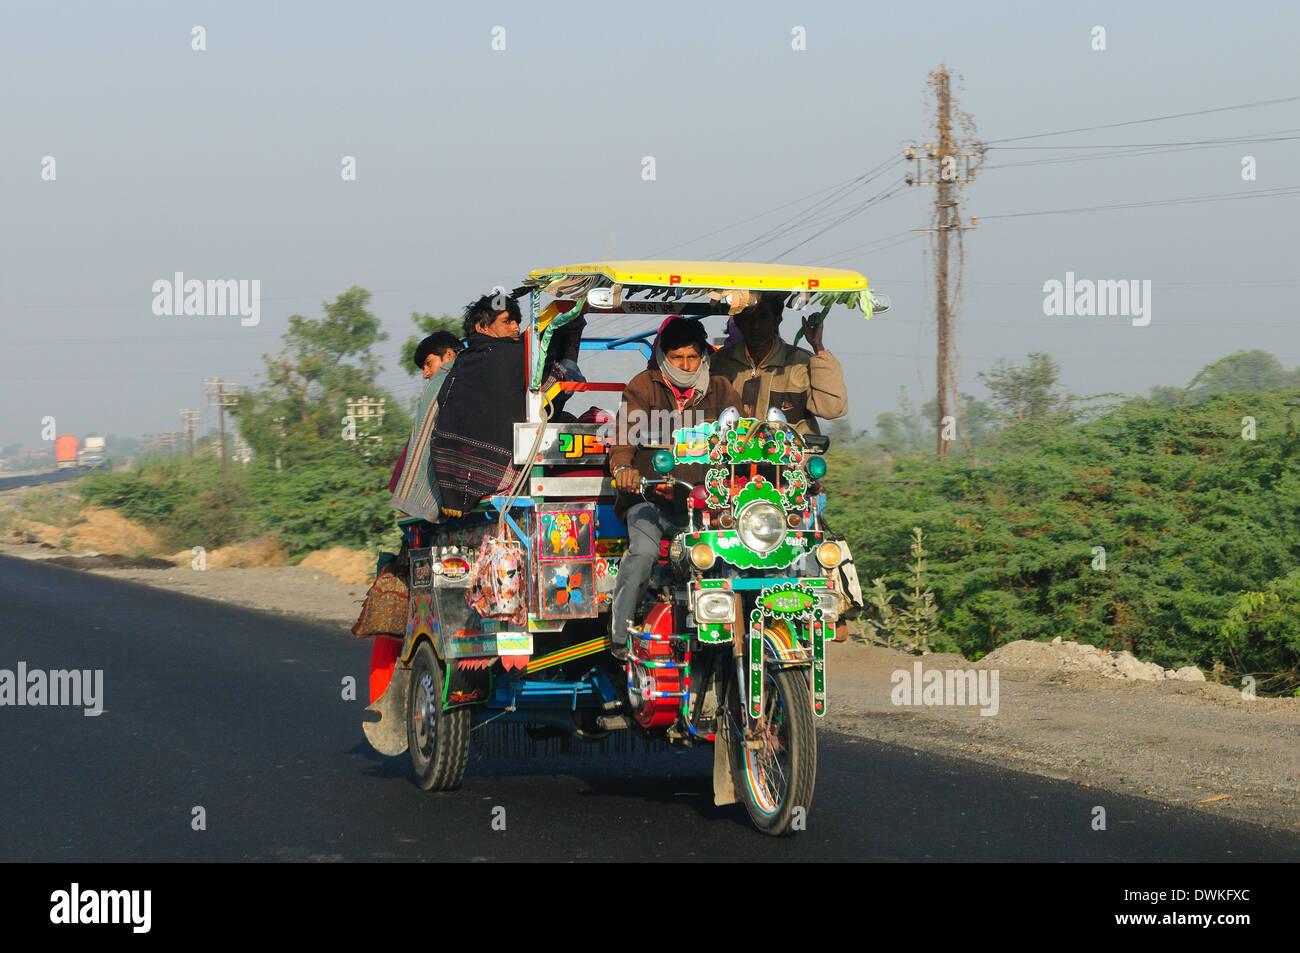 Straßenverkehr in Westindien, Gujarat, Indien, Asien Stockbild